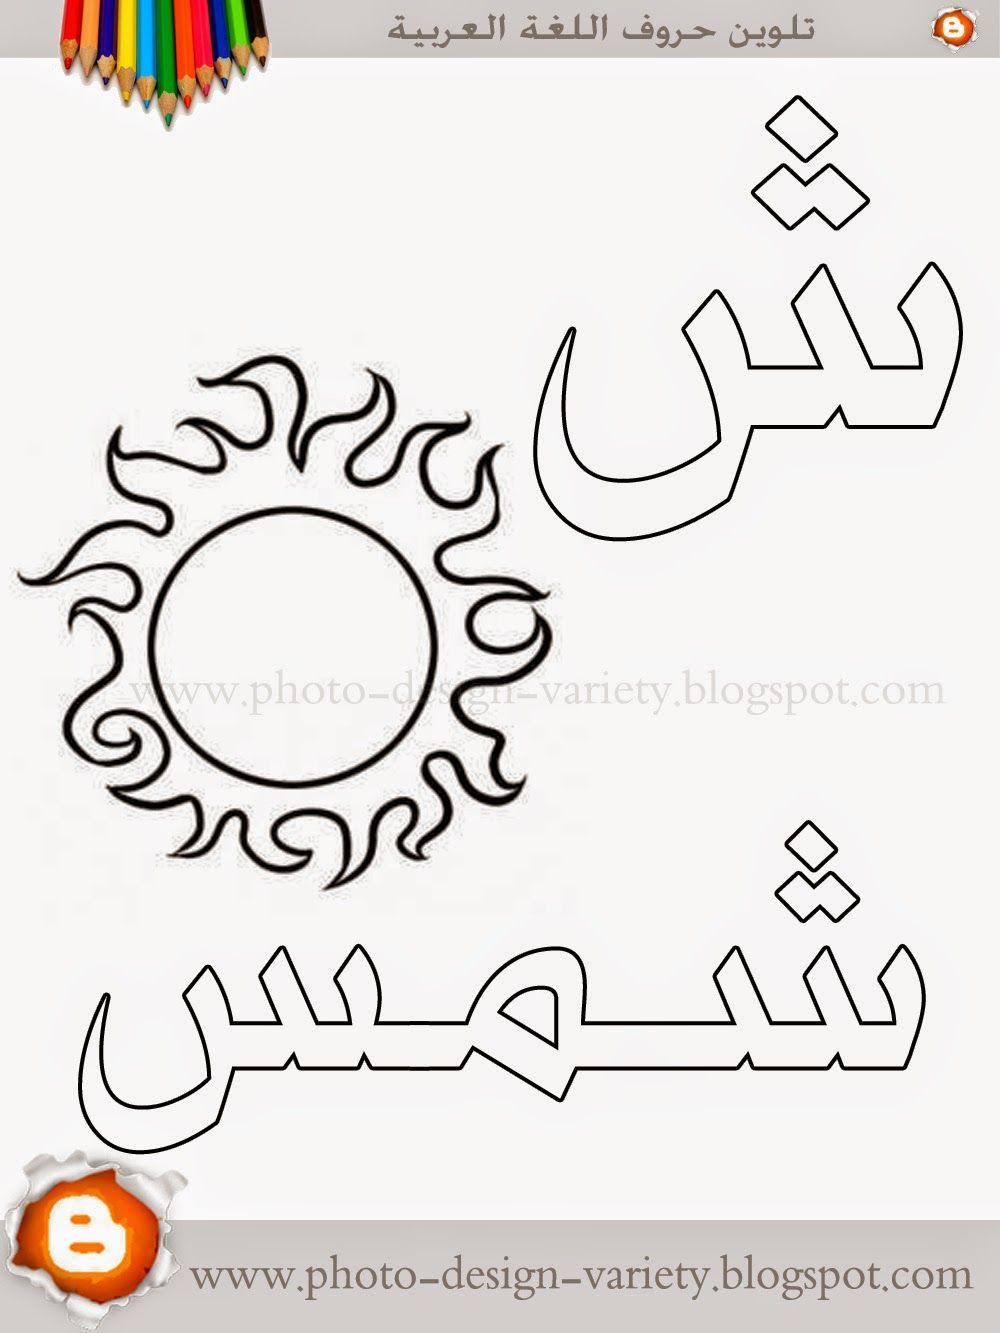 ألبومات صور منوعة البوم تلوين صور حروف هجاء اللغة العربية مع الأمثلة Learn Arabic Alphabet Arabic Alphabet For Kids Alphabet Coloring Pages